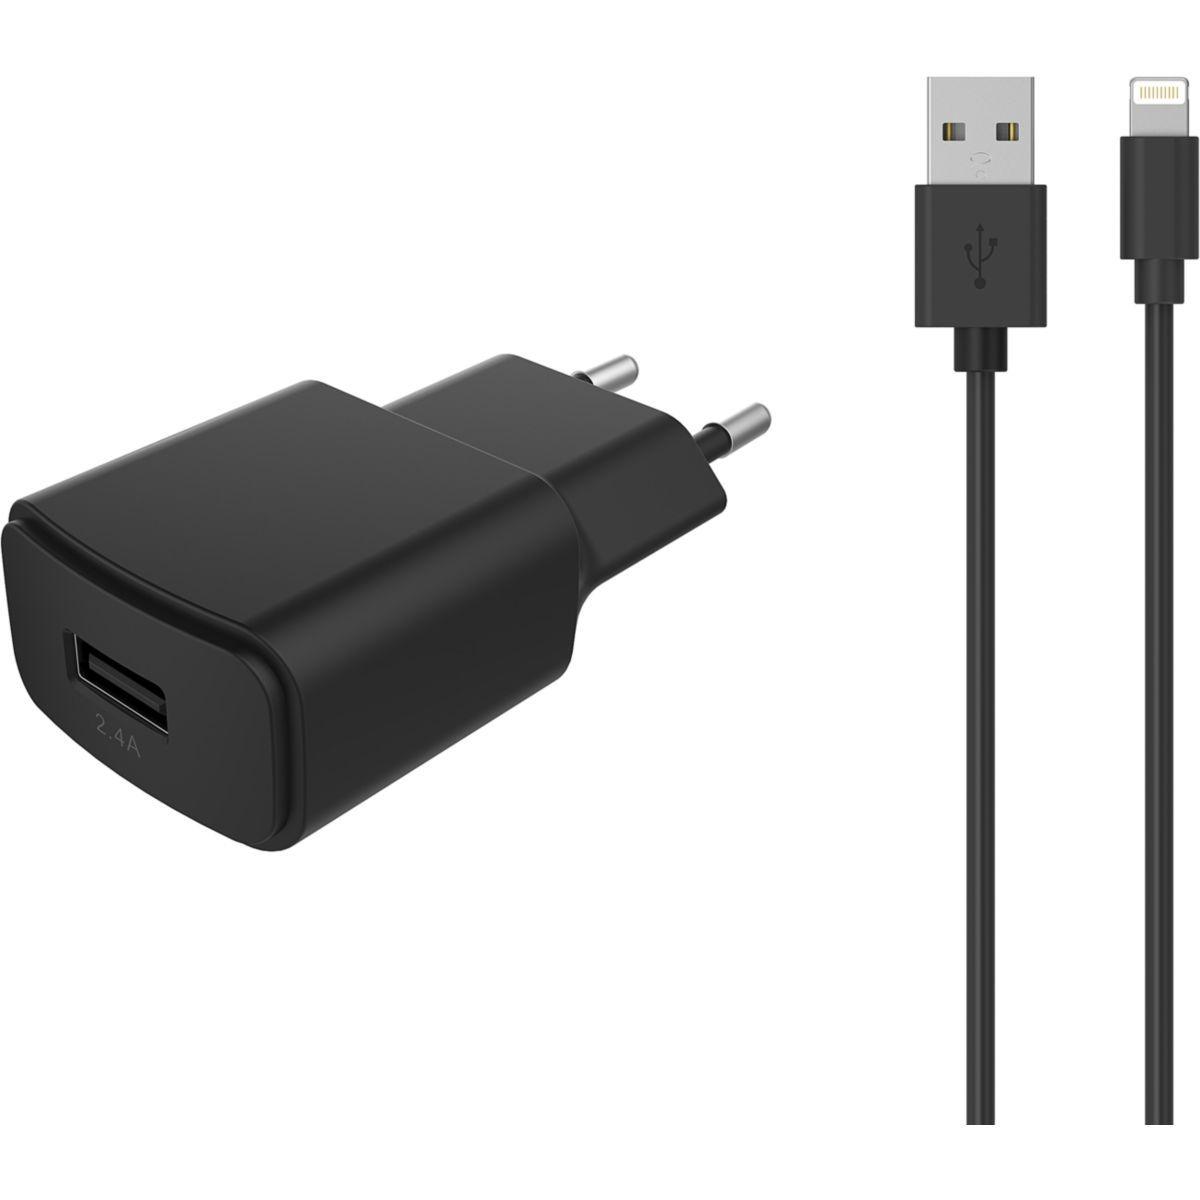 Chargeur secteur ESSENTIELB USB 2,4A + Cable lightning noir